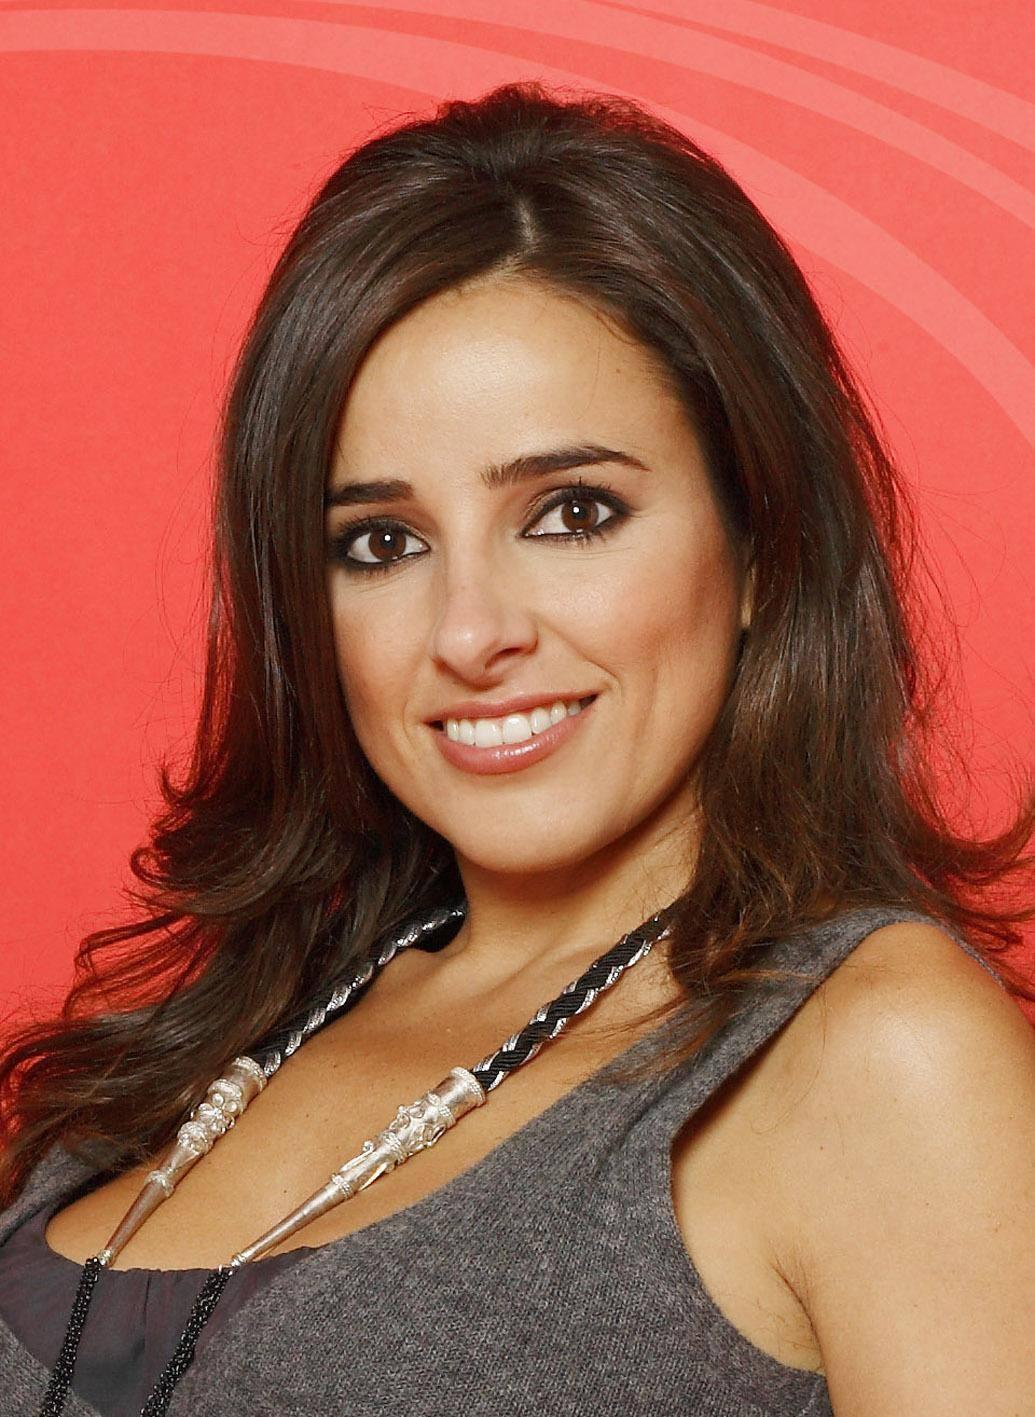 carmen aecayde  Carmen Alcayde, de «Aquí hay tomate» al Debate de Gran Hermano - TV - ABC.es